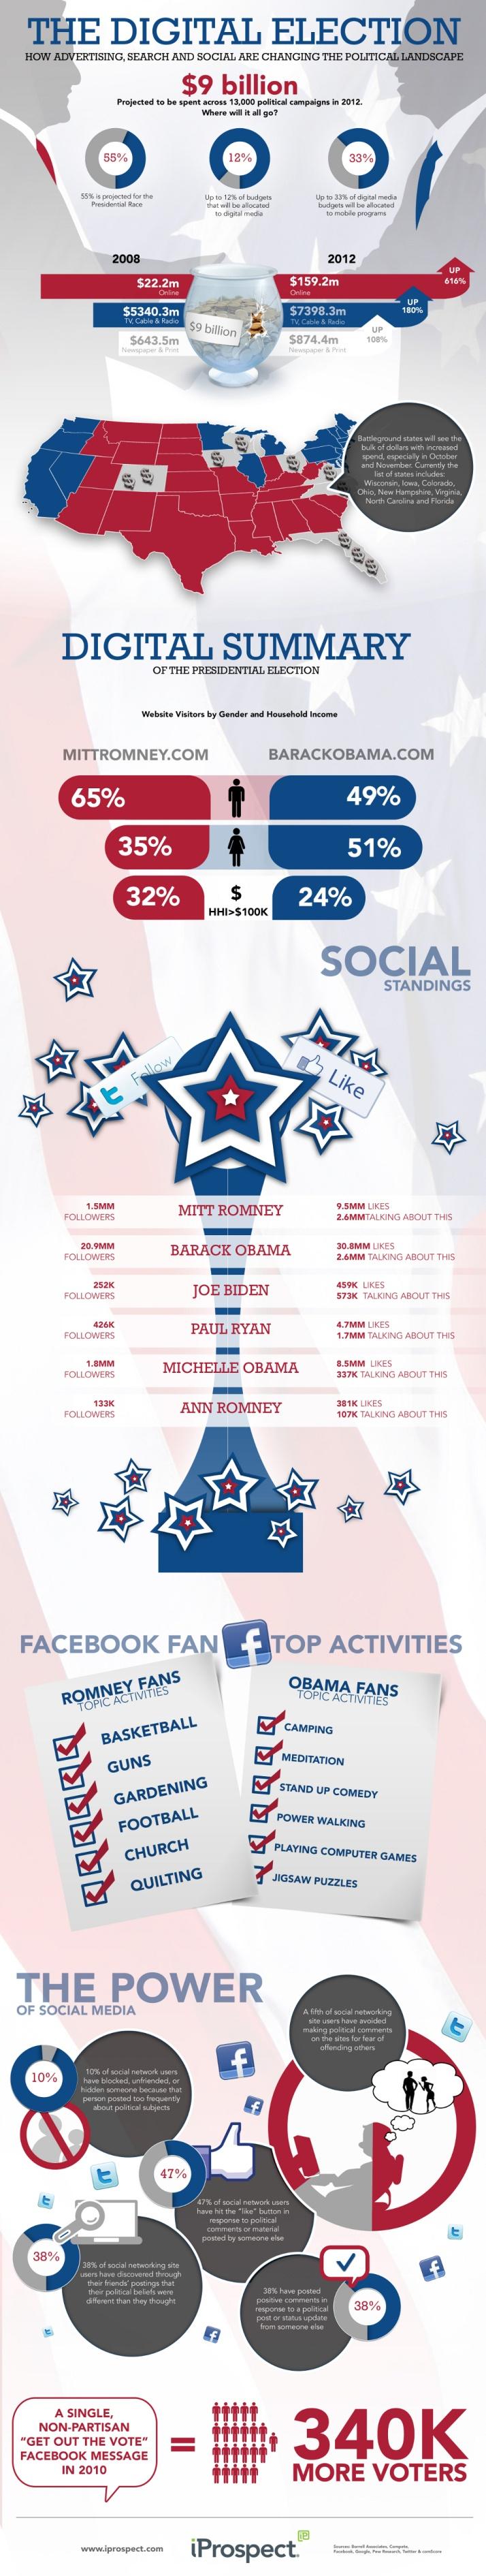 Infografía sobre la Campaña elecciones USA 2012:Perfil de los seguidores de los candidatos en las redes sociales (Obama Romney)